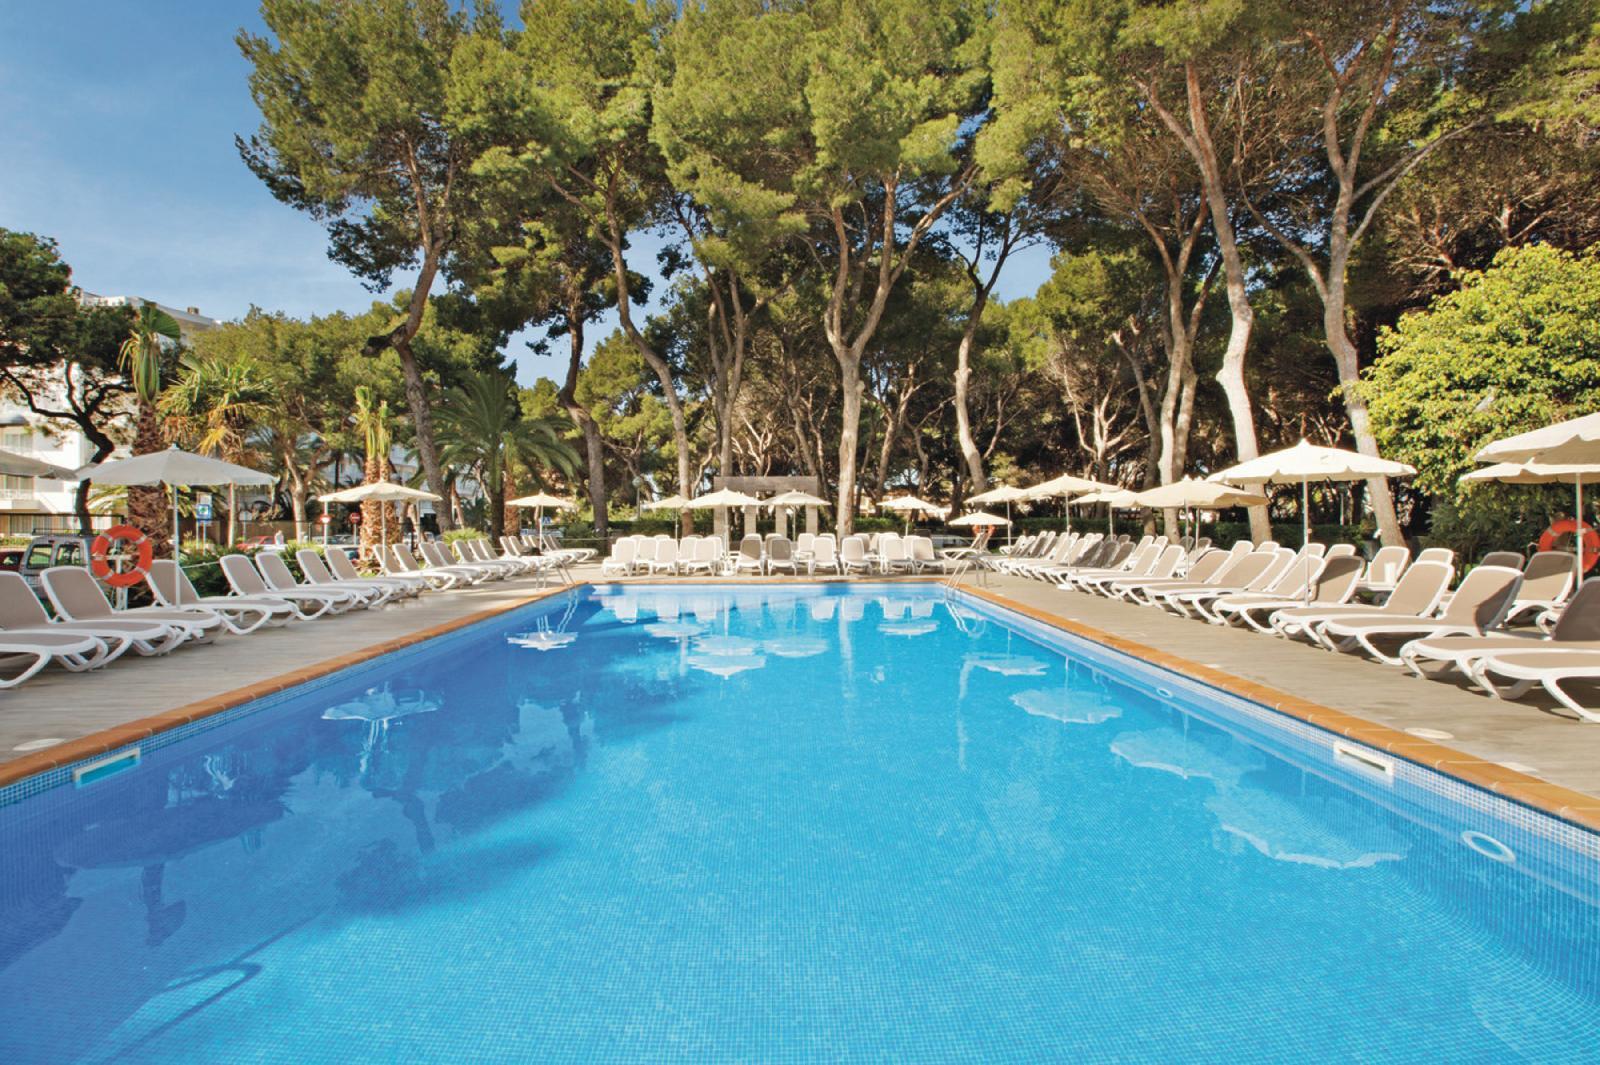 Hotel riu festival en playa de palma mallorca - Piscinas palma de mallorca ...